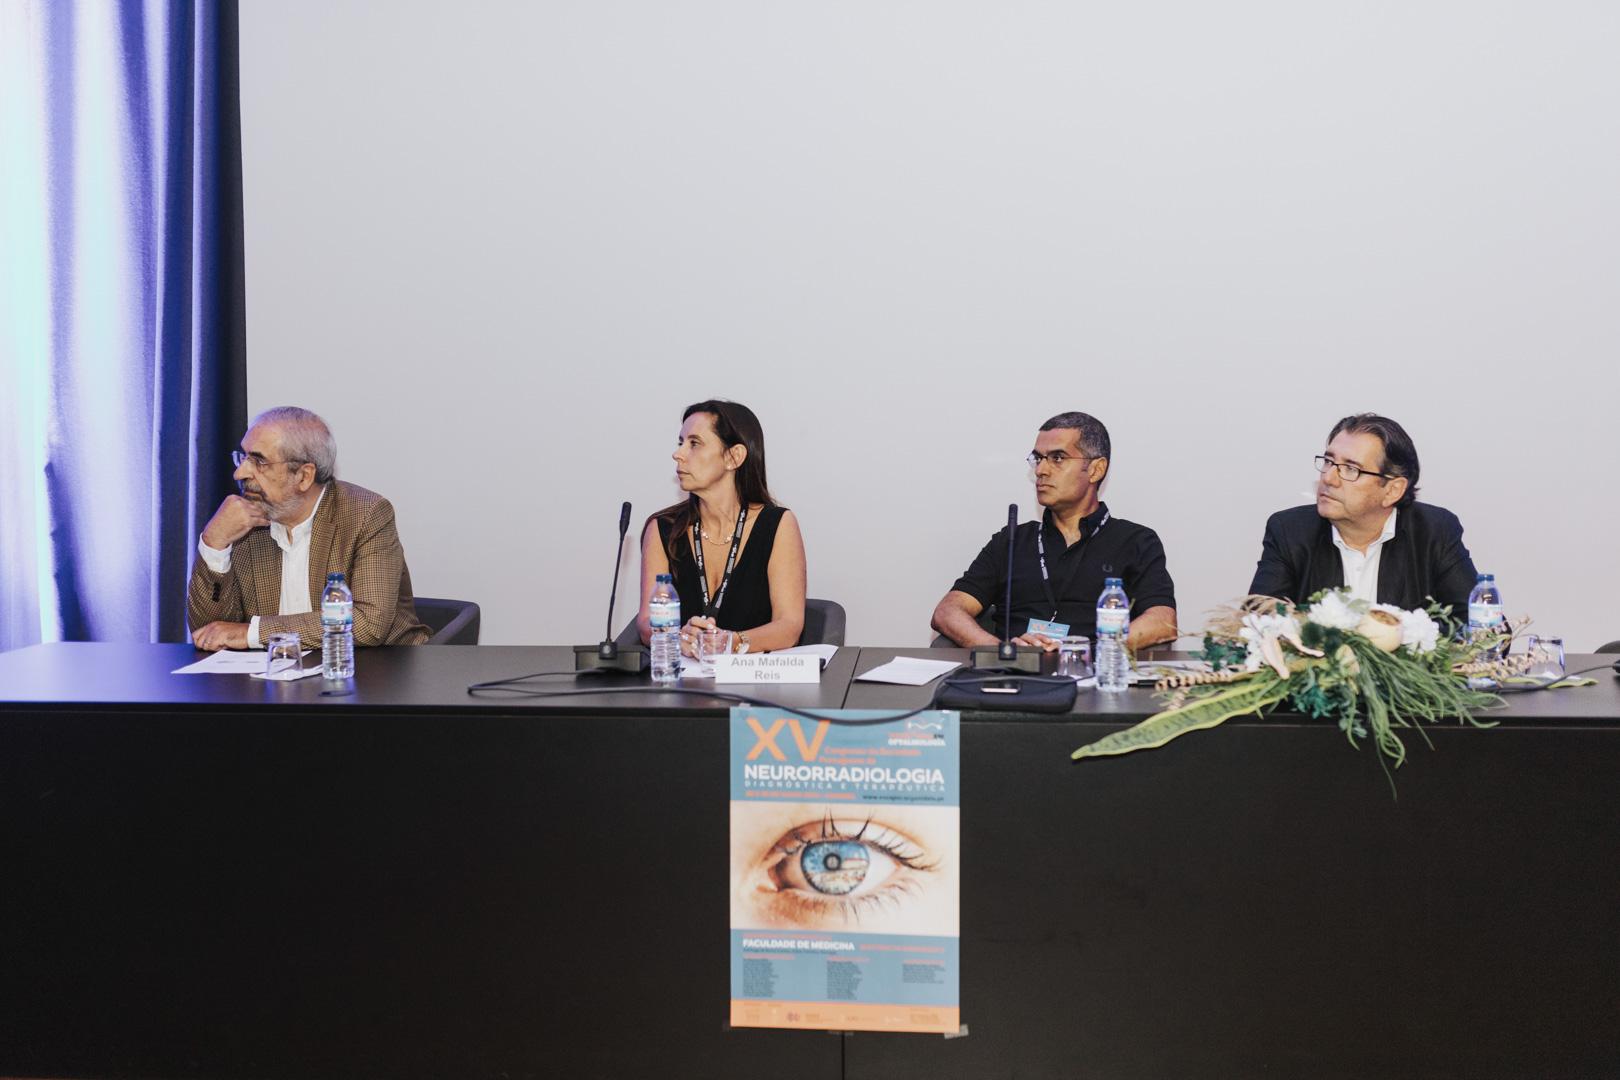 XV Congresso da SPNR - Moderadores na Mesa Presidencial durante as sessões, com o cartaz do Congresso